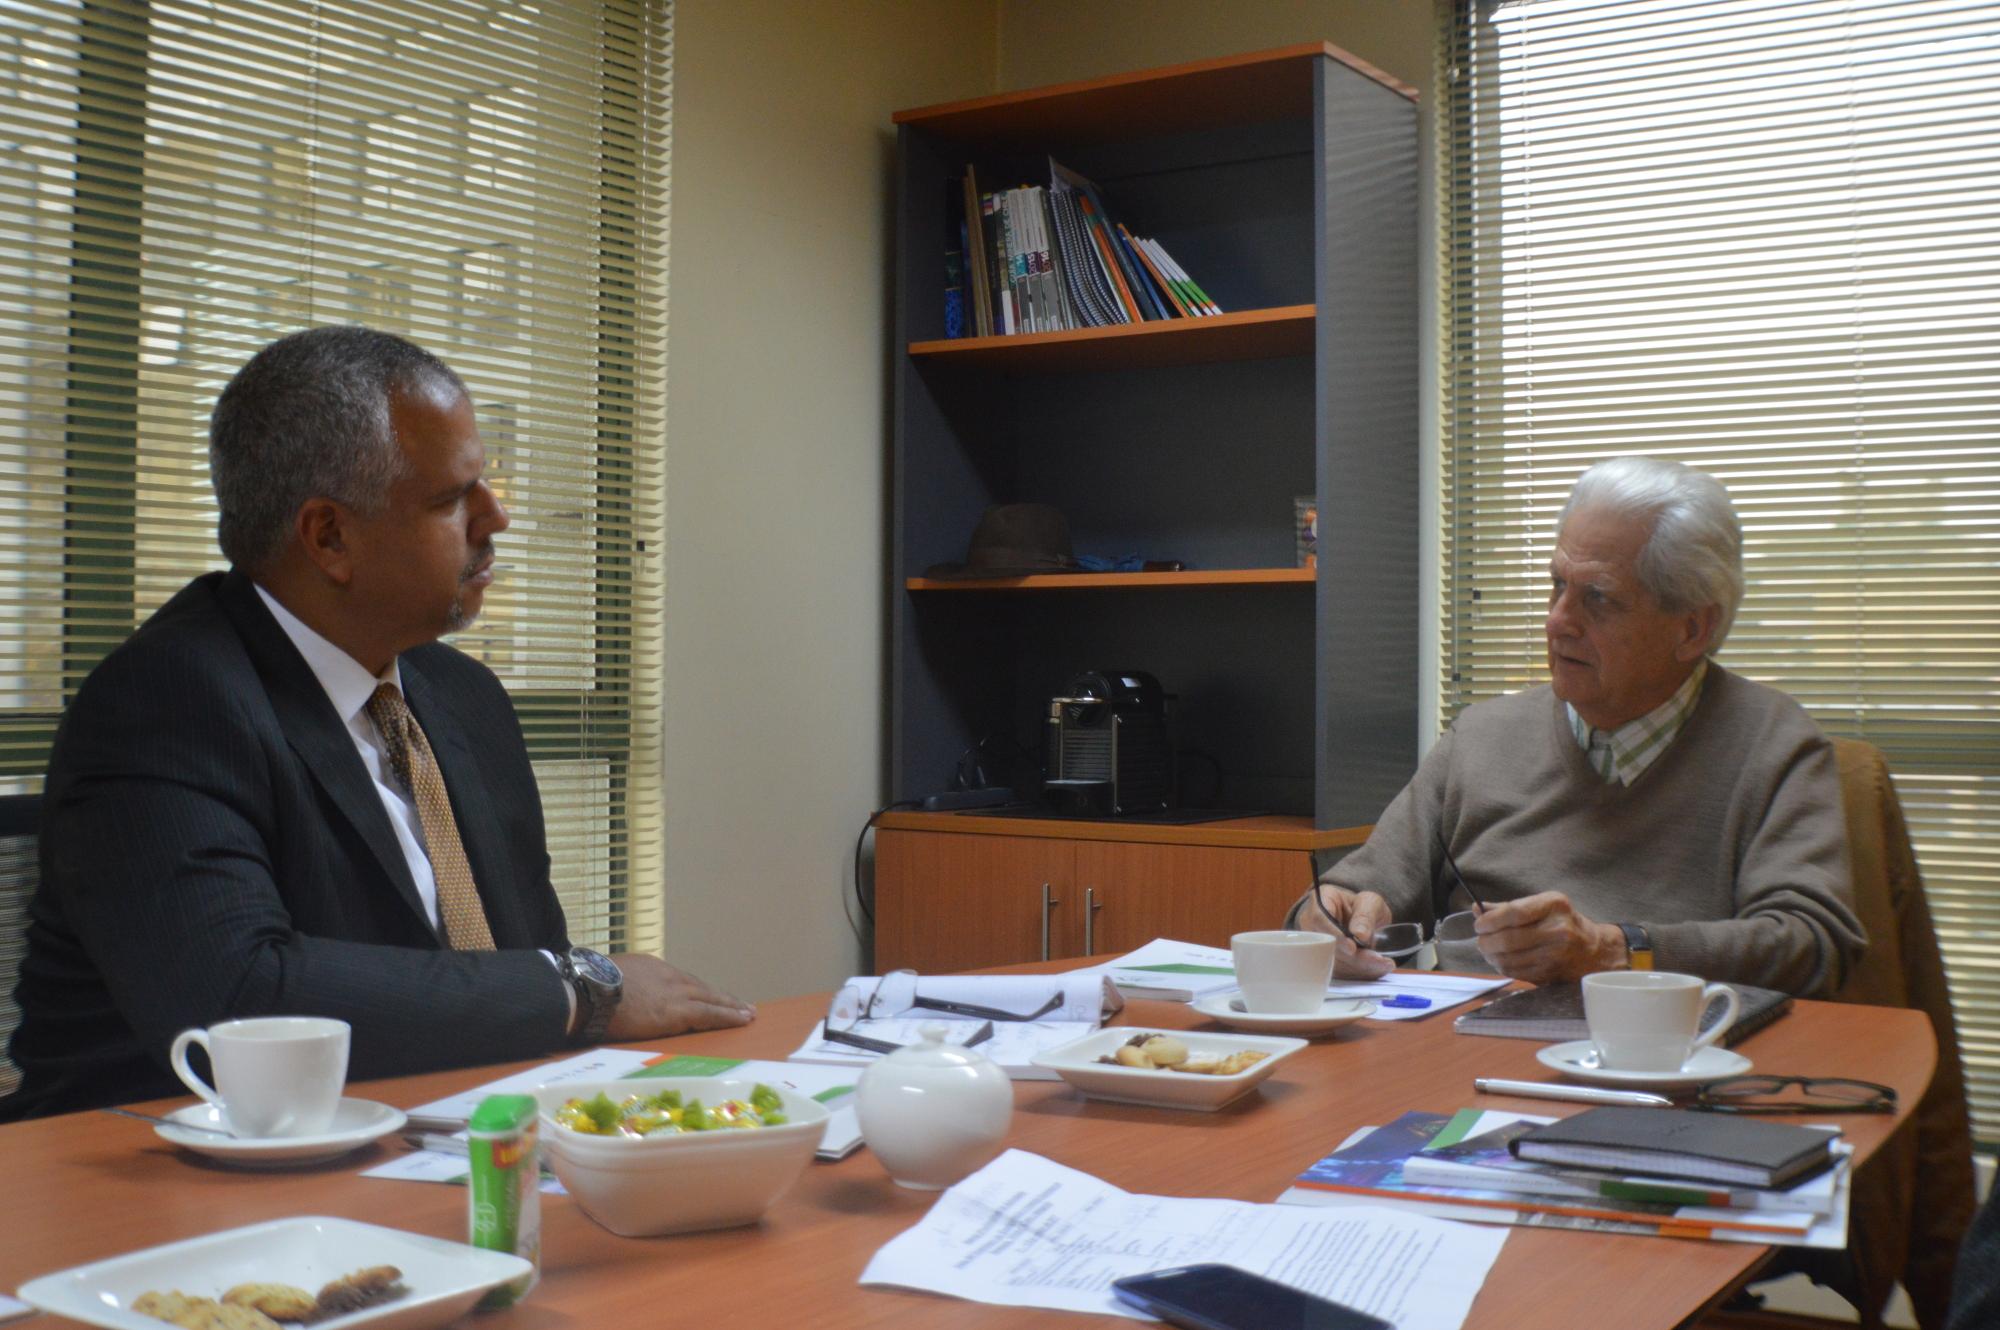 La Comisión Minera espera cooperar en el establecimiento de normas y procedimientos para impulsar el proceso de certificación venezolano